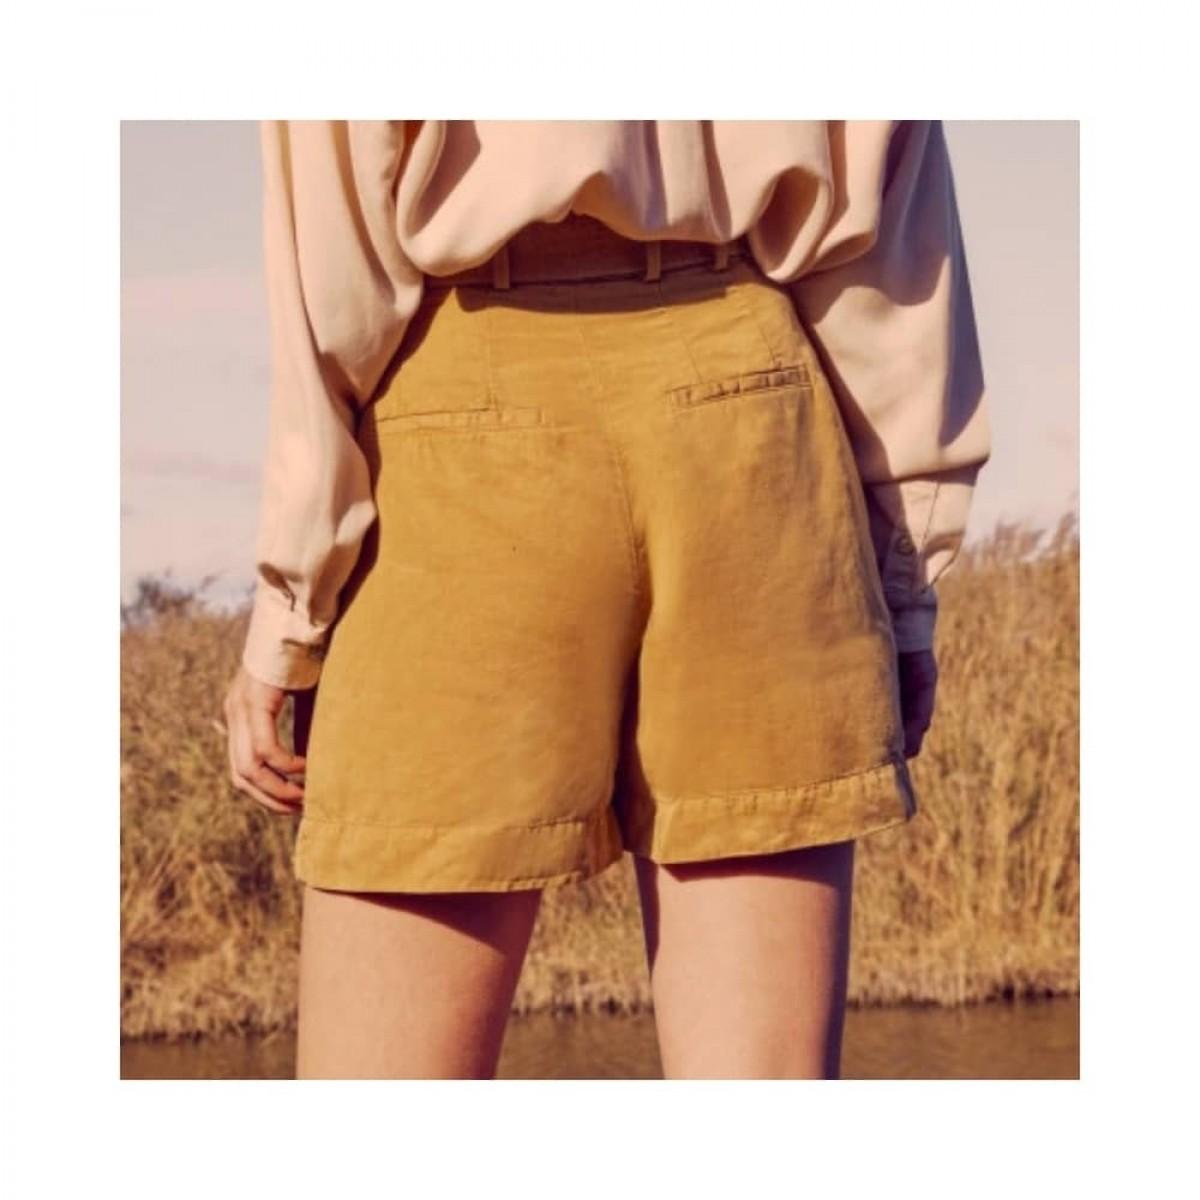 saby shorts - bronze mist - bag